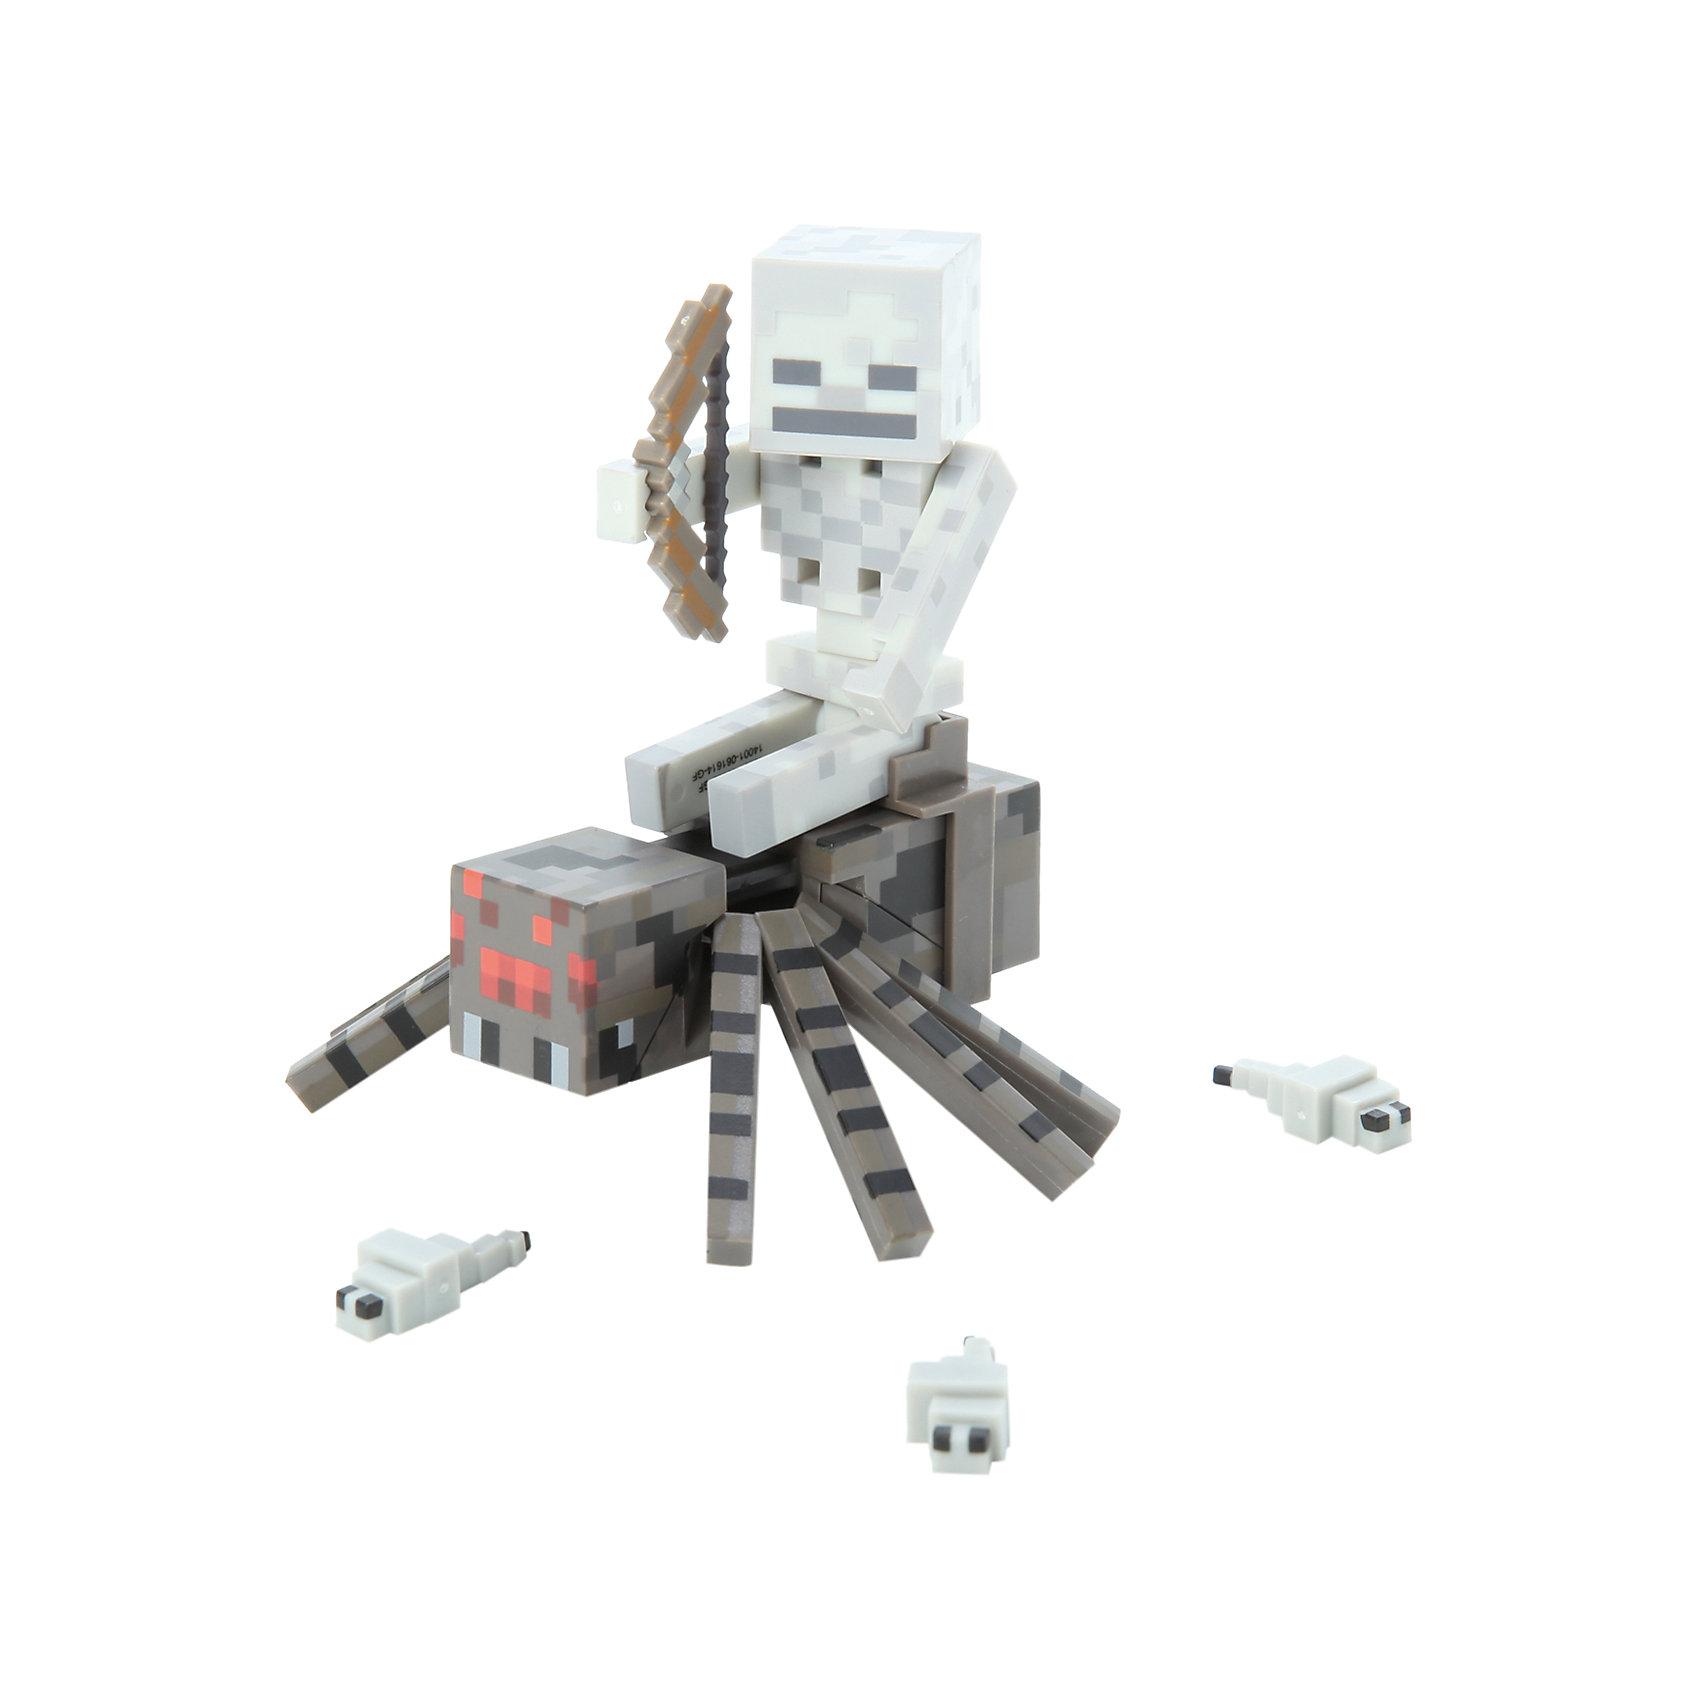 Jazwares Фигурка Скелет с Пауком, 8 см, Minecraft 3 мягкая игрушка minecraft летучая мышь bat 16536 jazwares